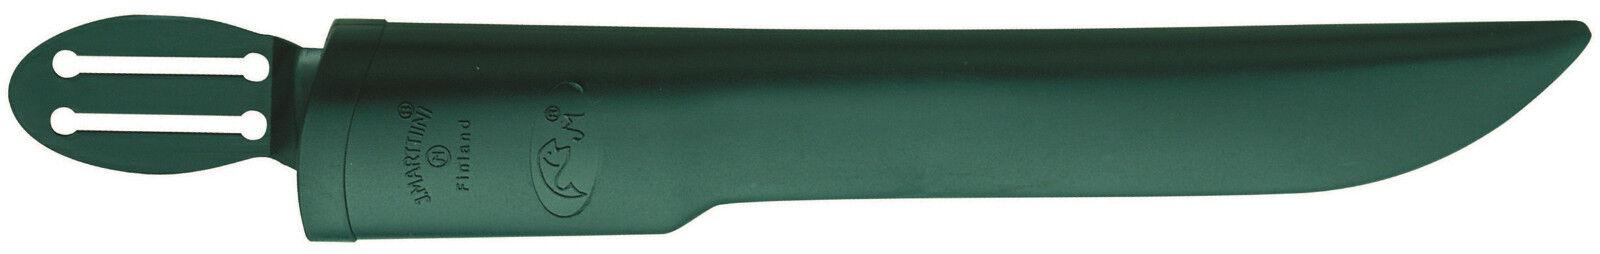 FINLANDAIS Plastique-fourreau découpe couteau, longueur: 19 cm inoxydable, Plastique-fourreau FINLANDAIS MARTTIINI e56ee4